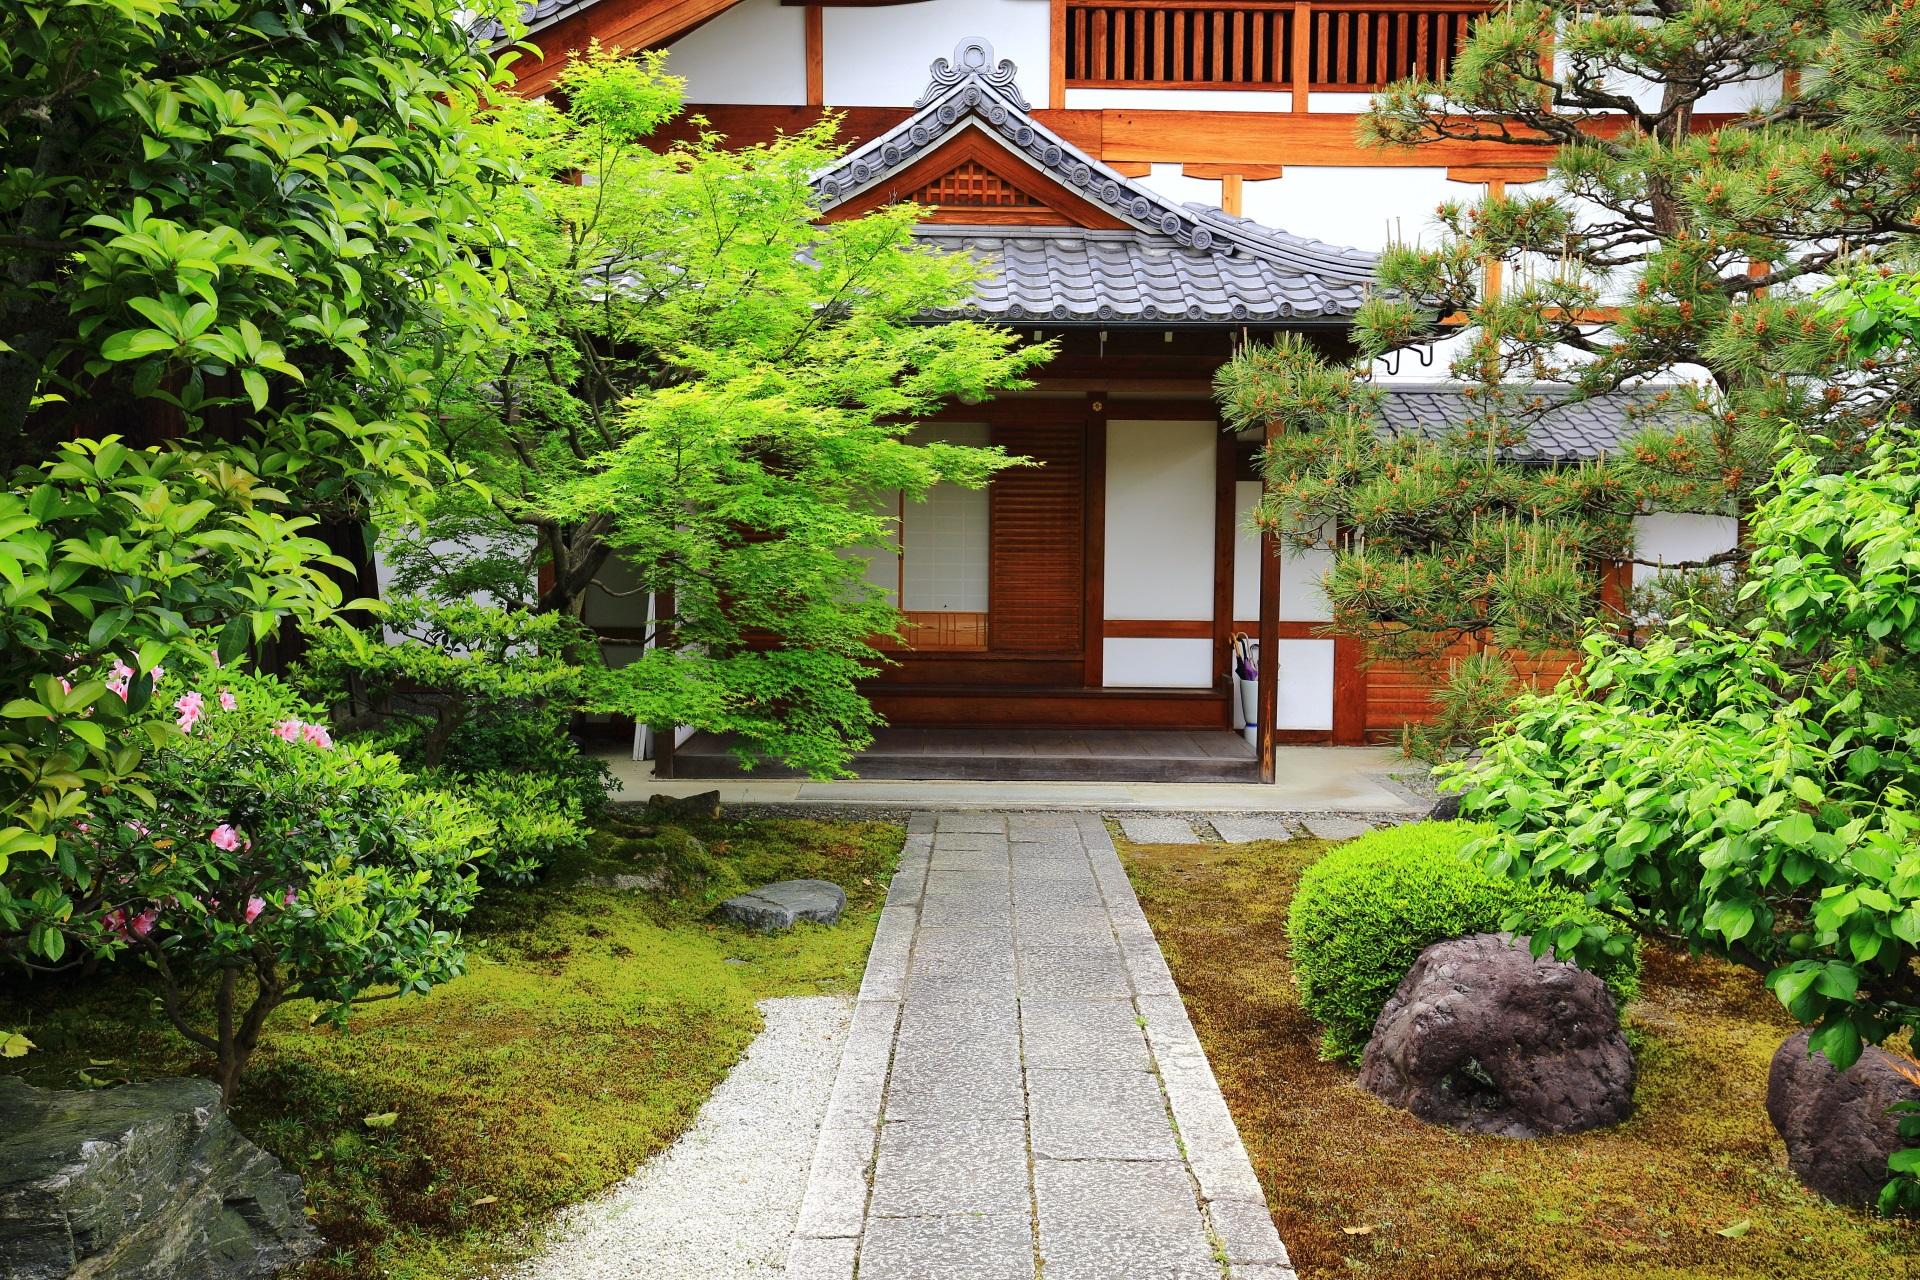 落ち着いた雰囲気と緑が美しい正伝永源院の玄関